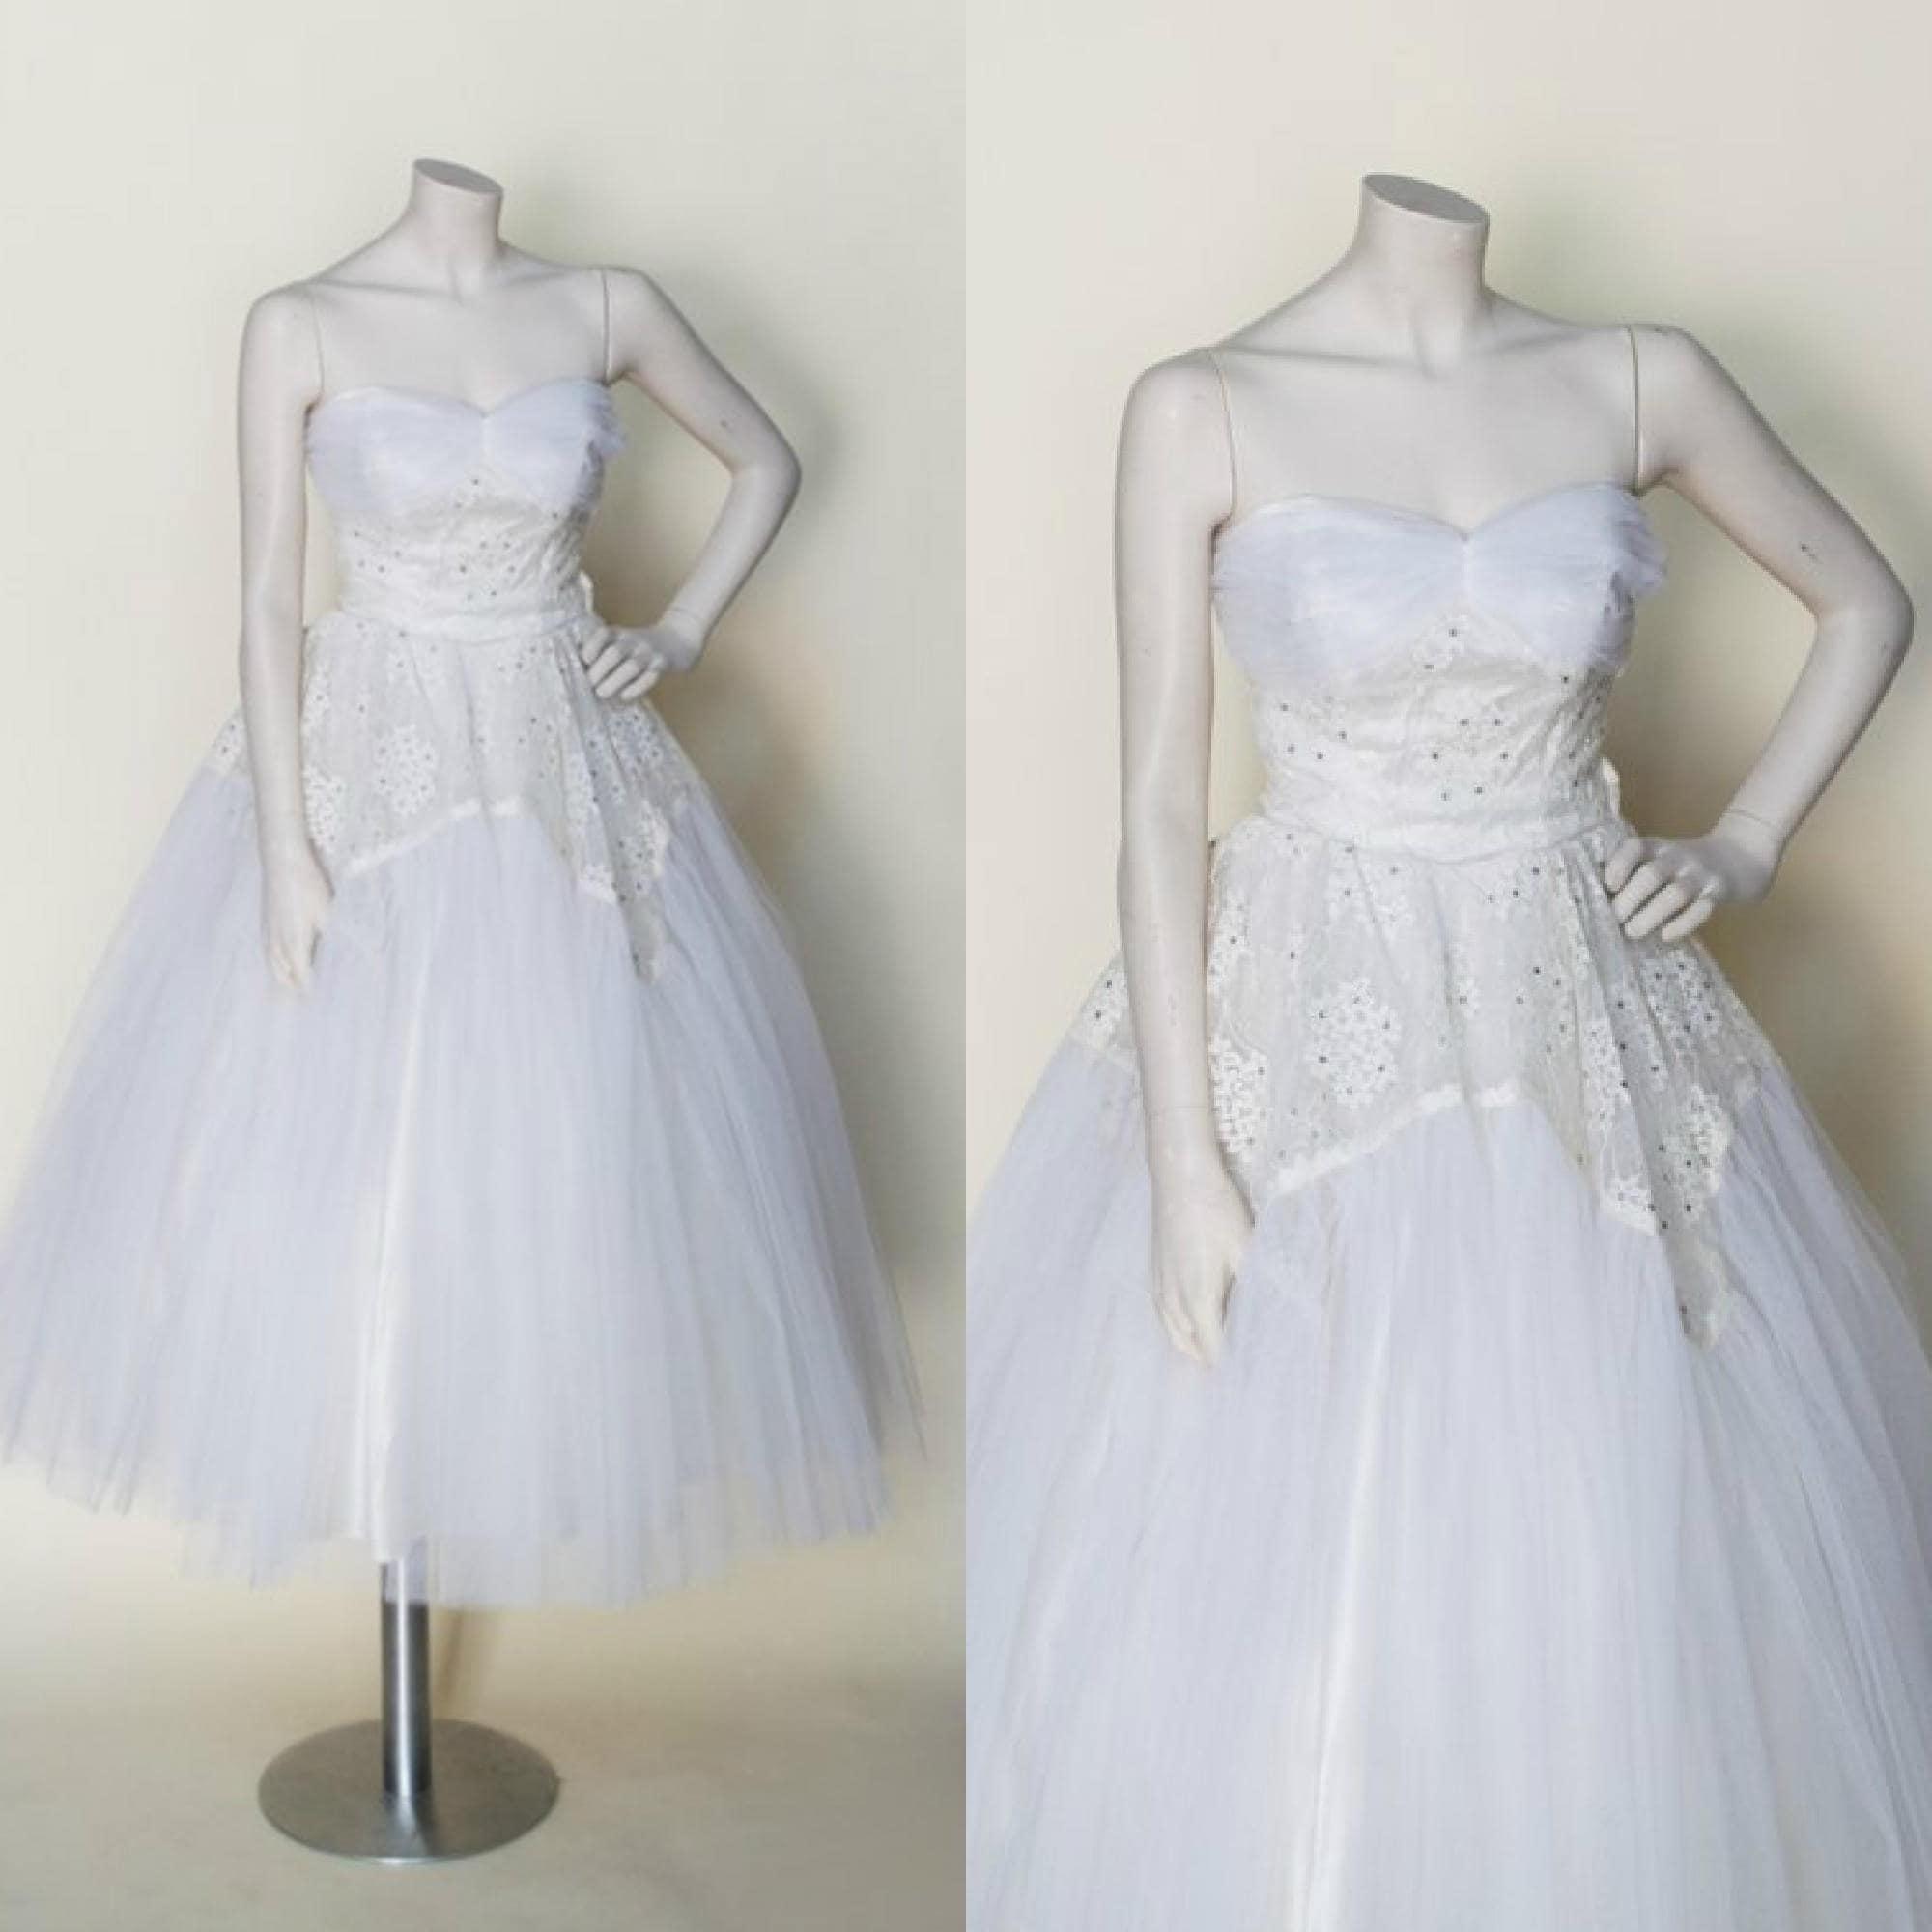 Berühmt Vintage Inspirierte Kleider Tee Länge Hochzeit Galerie ...